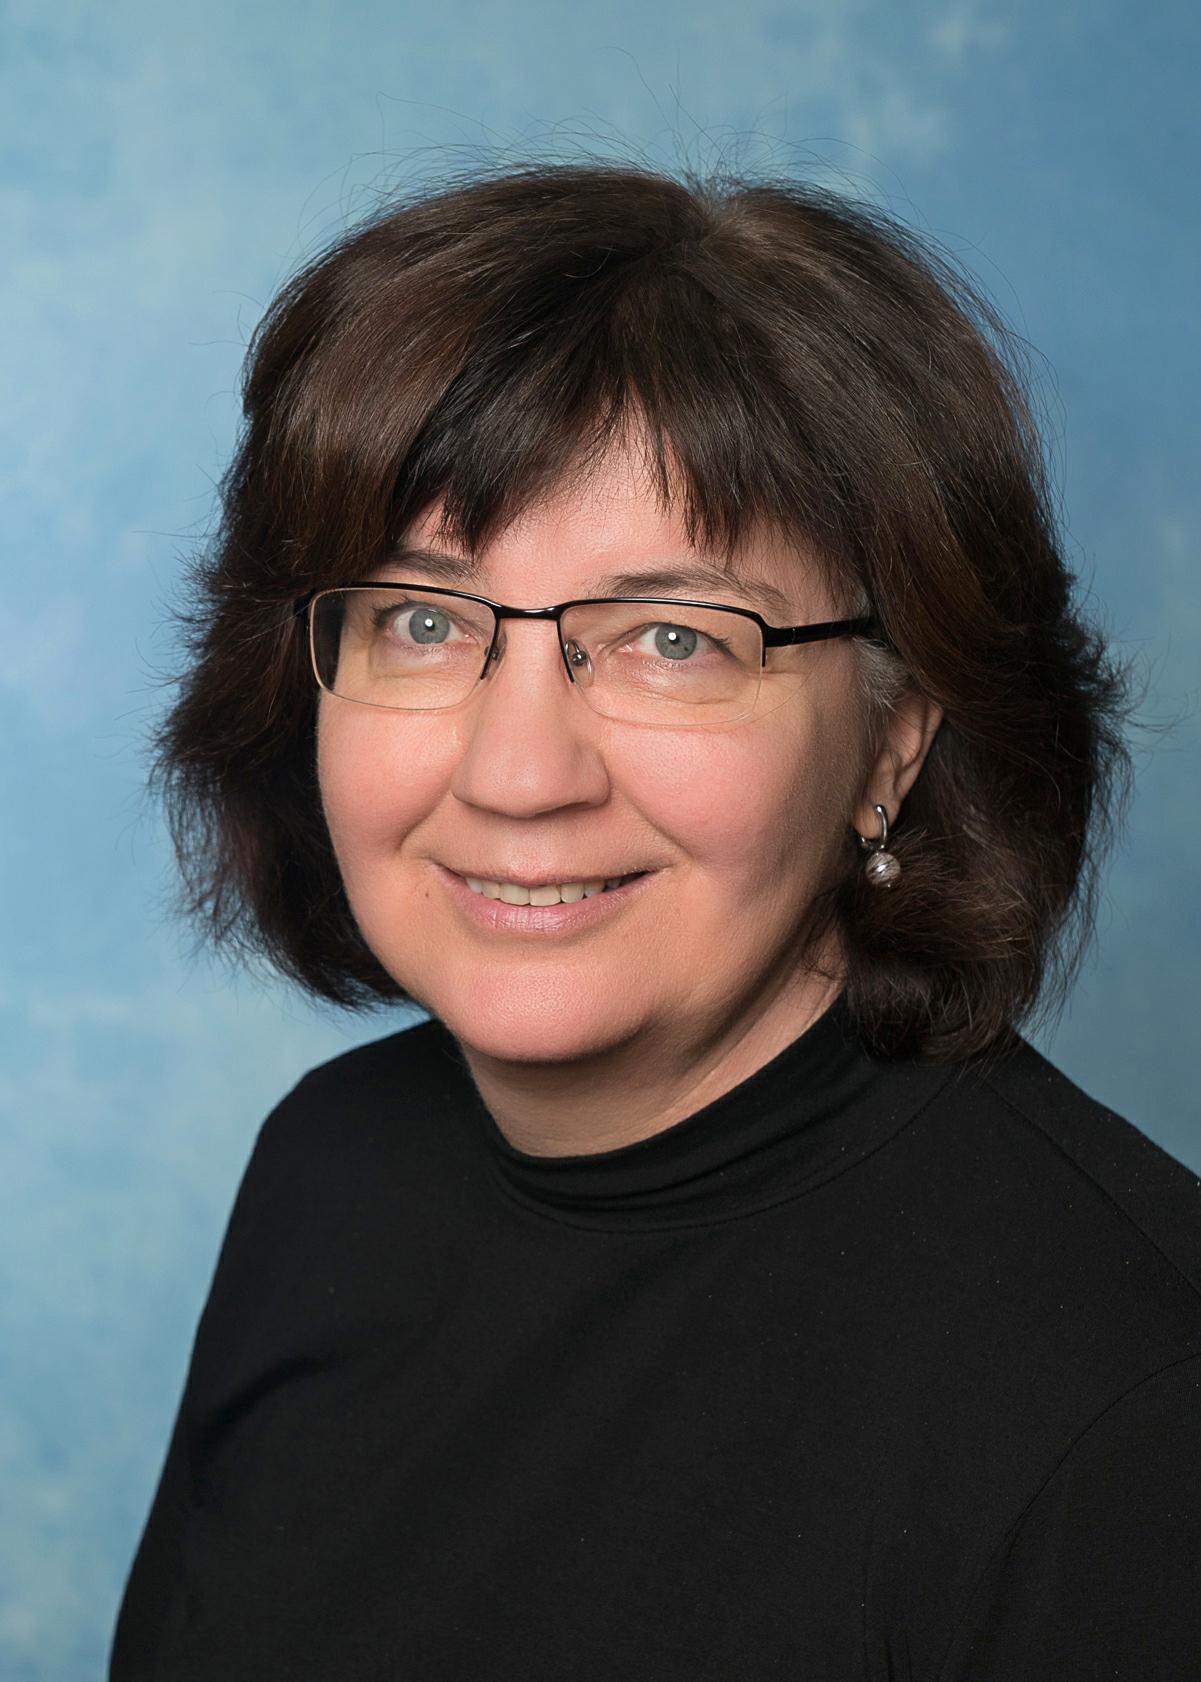 Elisabeth Stöttinger